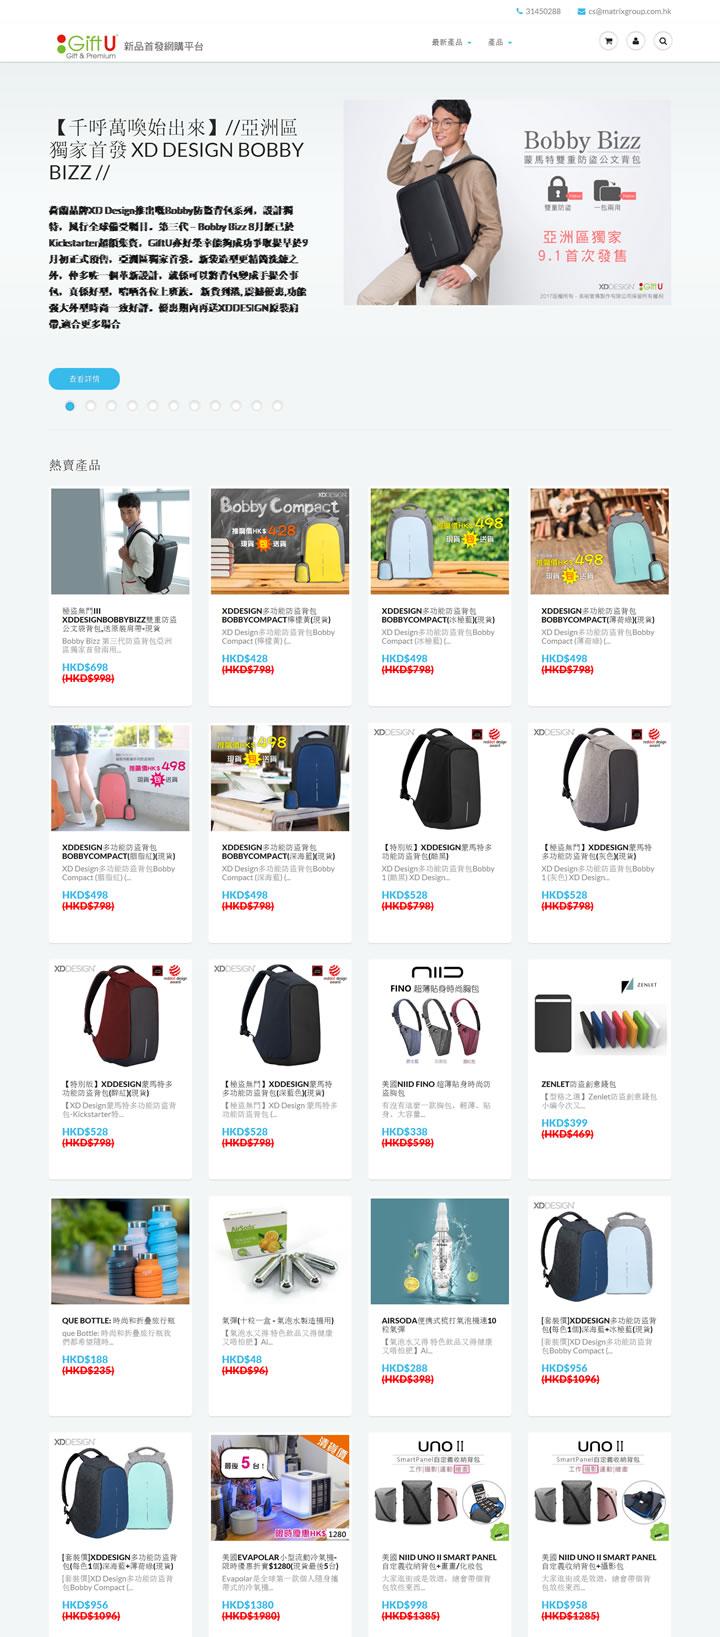 香港礼品网站:GiftU eshop